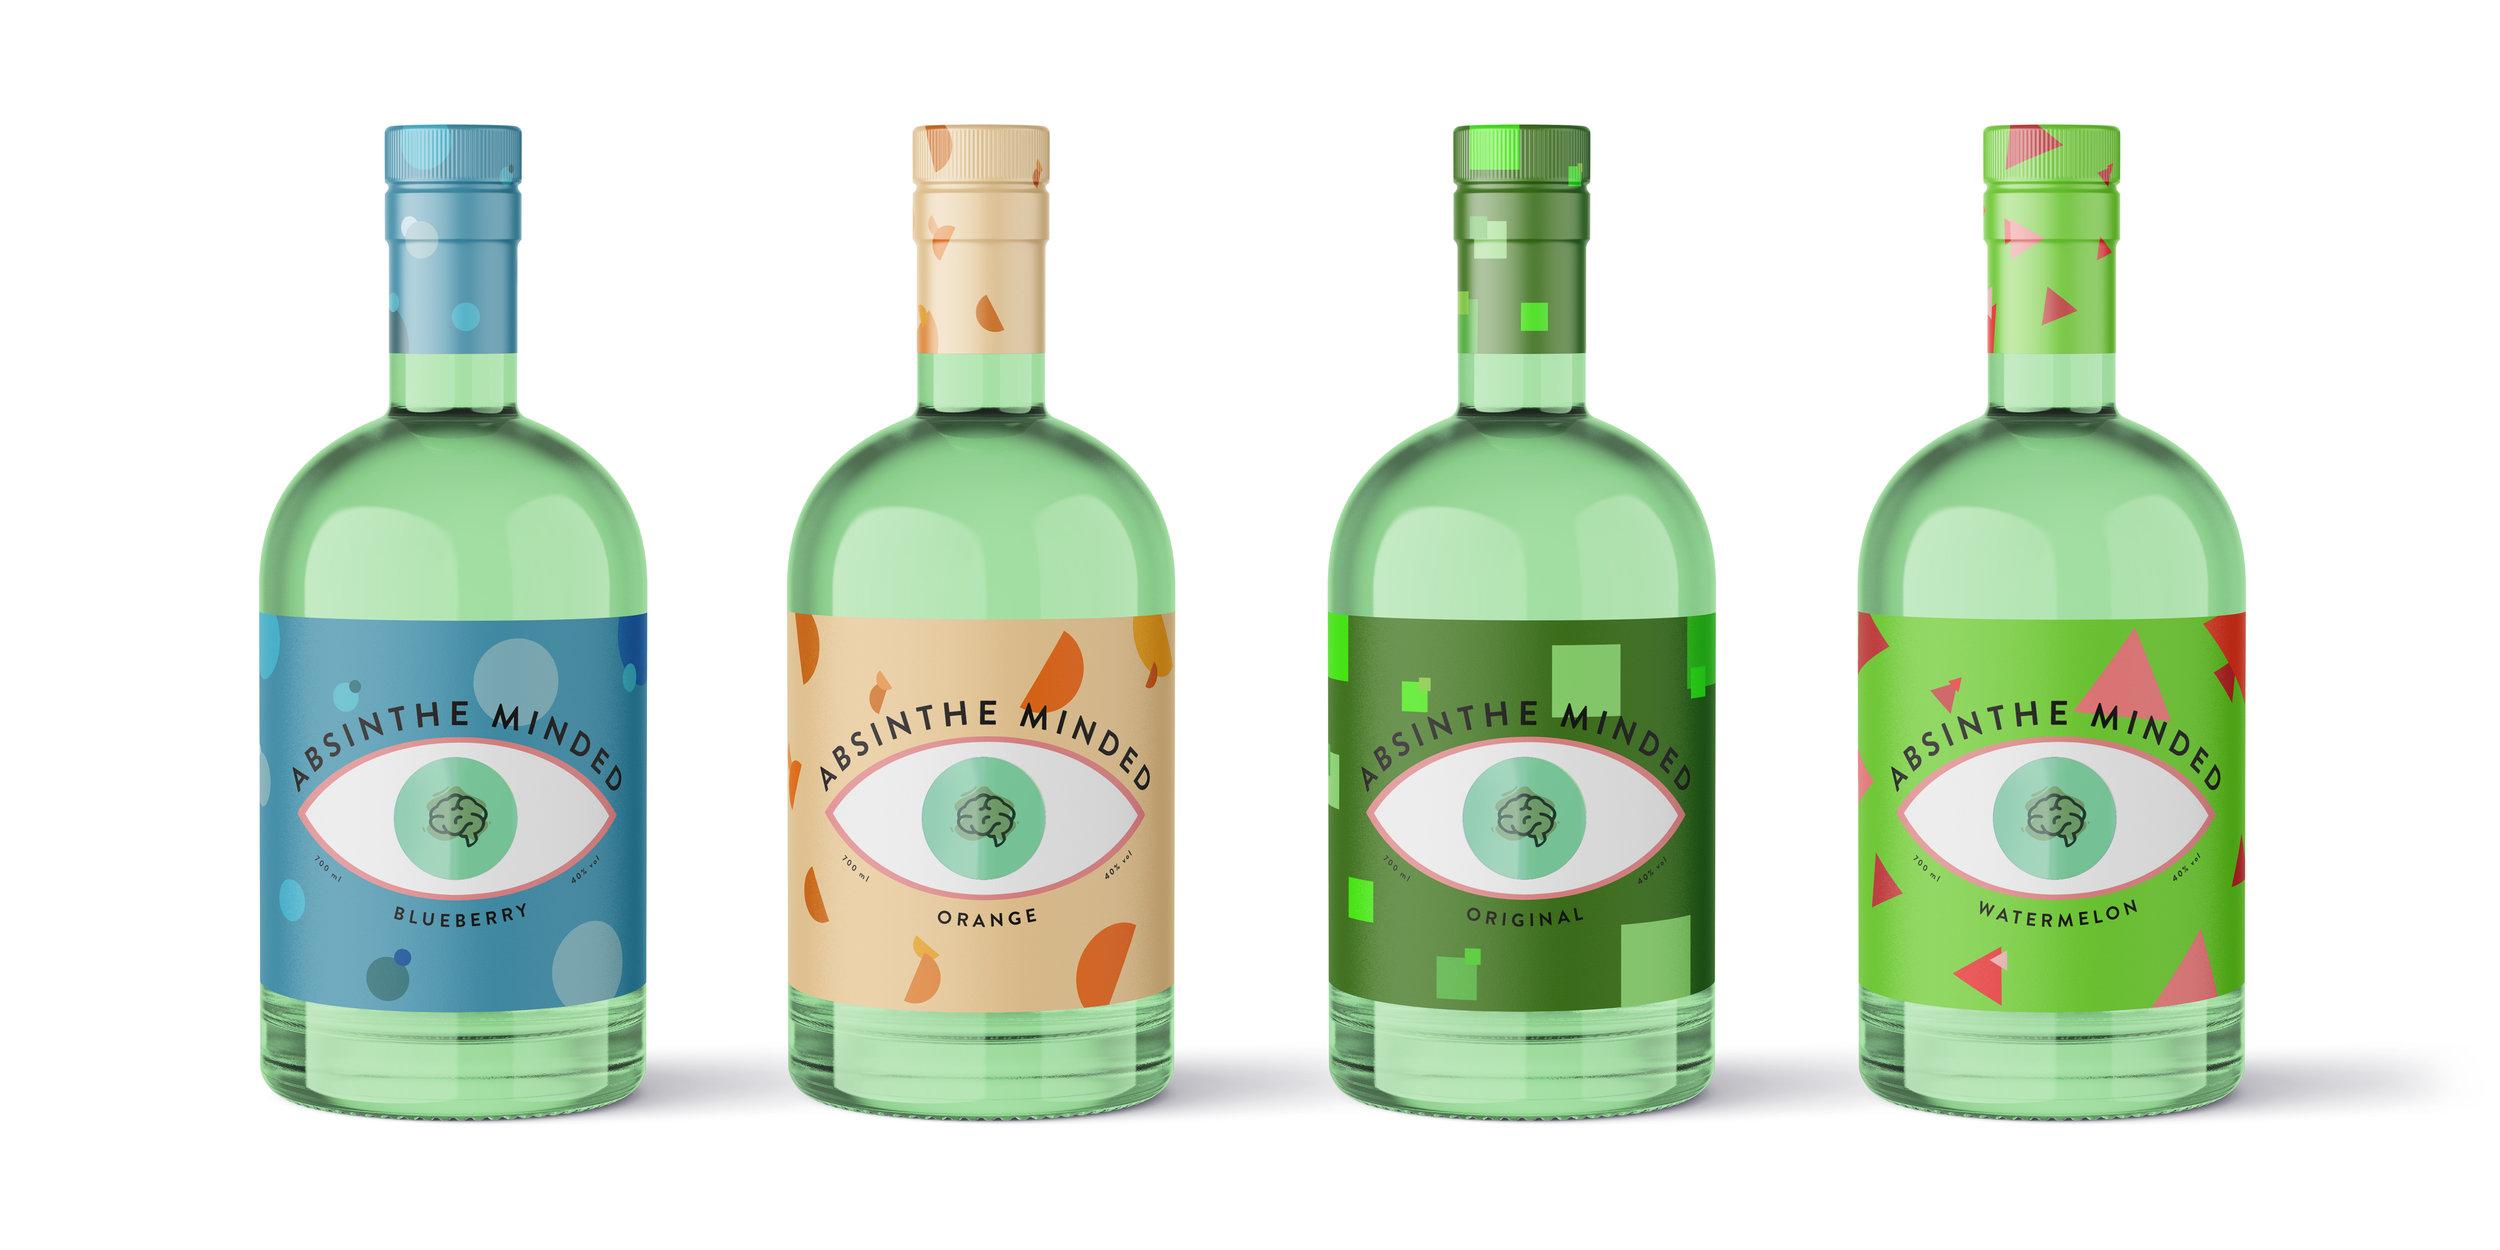 all_bottles.jpg